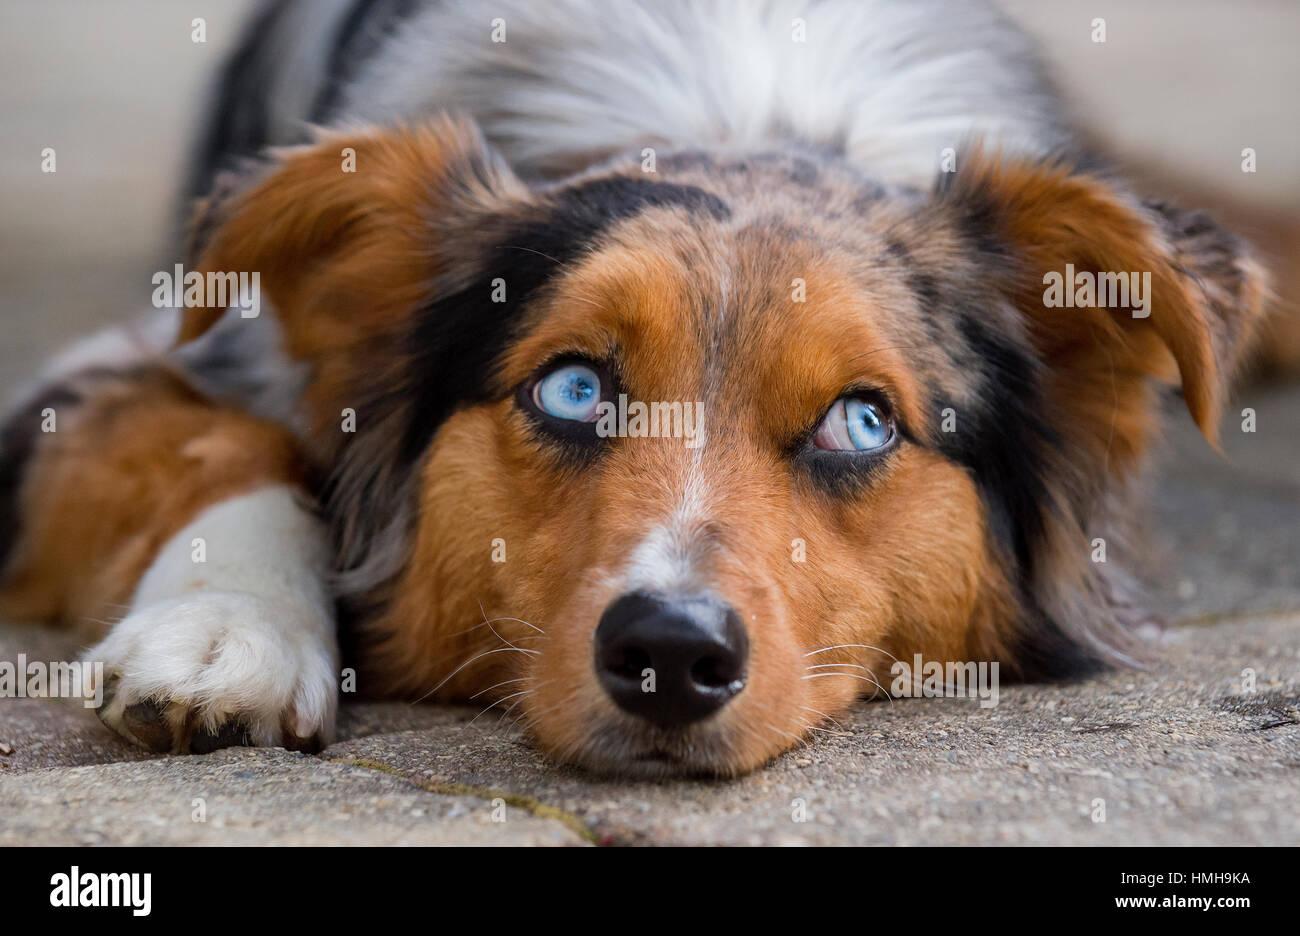 Impresionantes ojos azules Pastor Australiano Shepard Aussie tricolor perro con la cabeza hacia abajo pata blanca Imagen De Stock